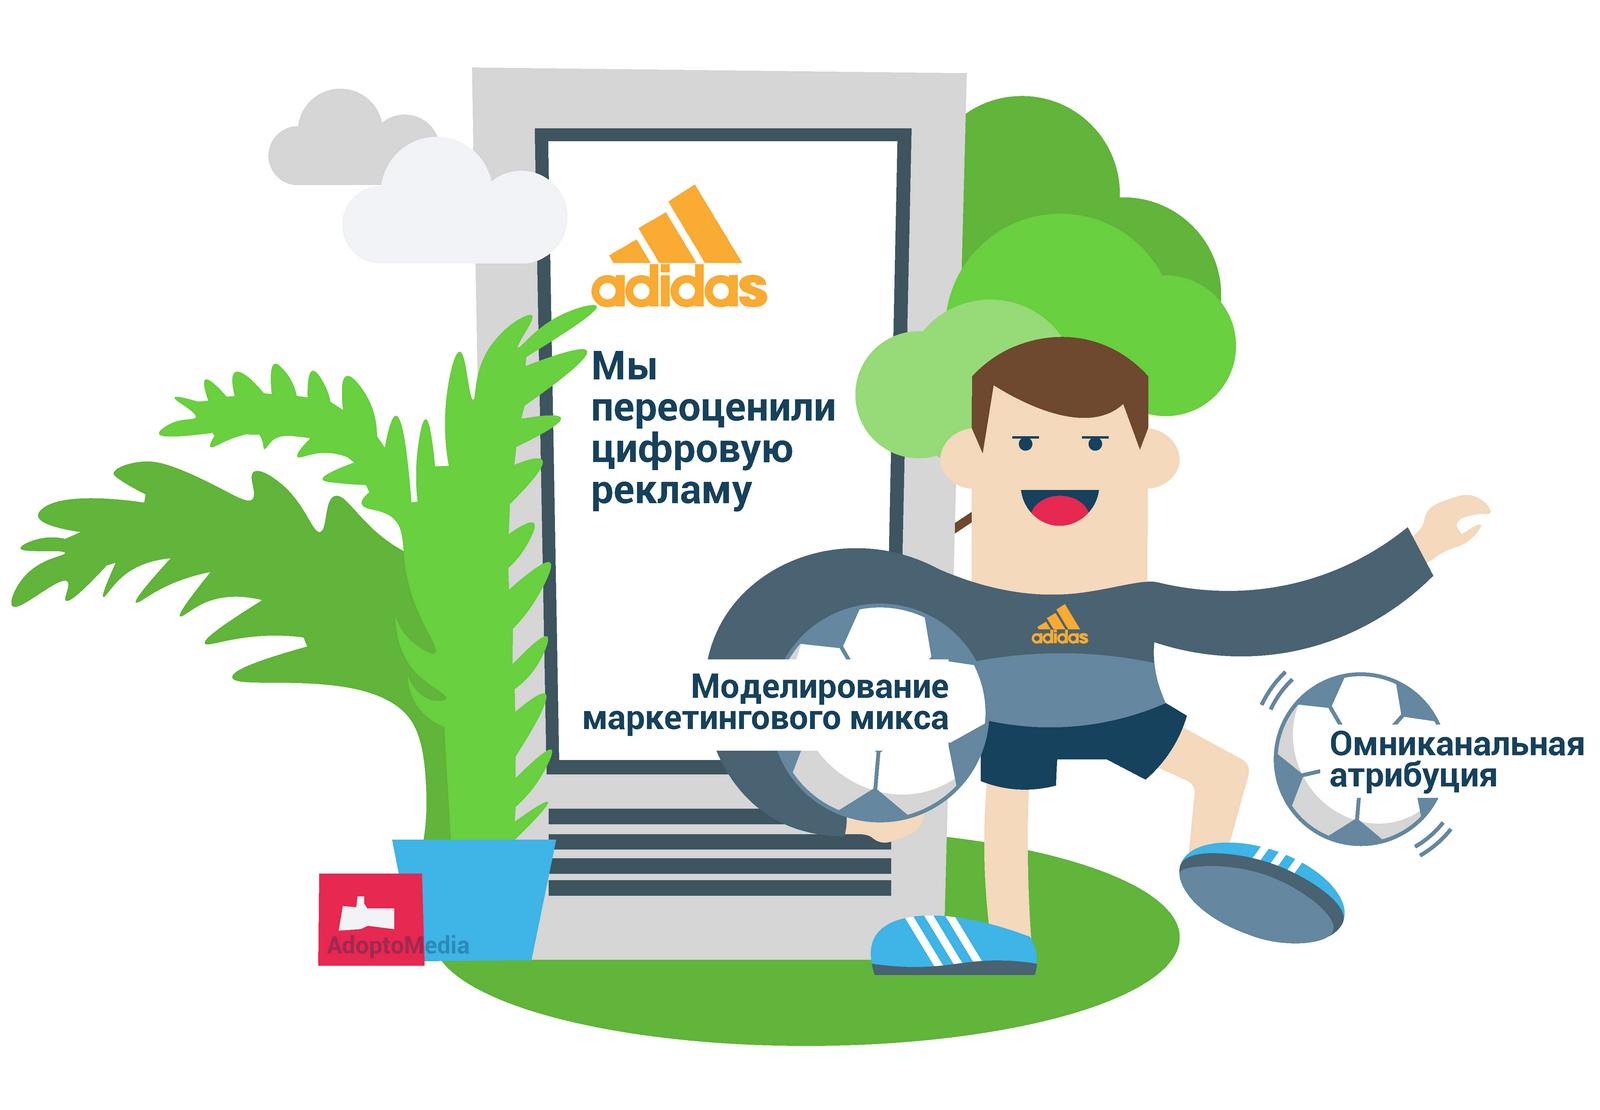 Adidas, моделирование маркетингового микса, омниканальная атрибуция, инструменты оценки эффективности маркетинга, AdoptoMedia